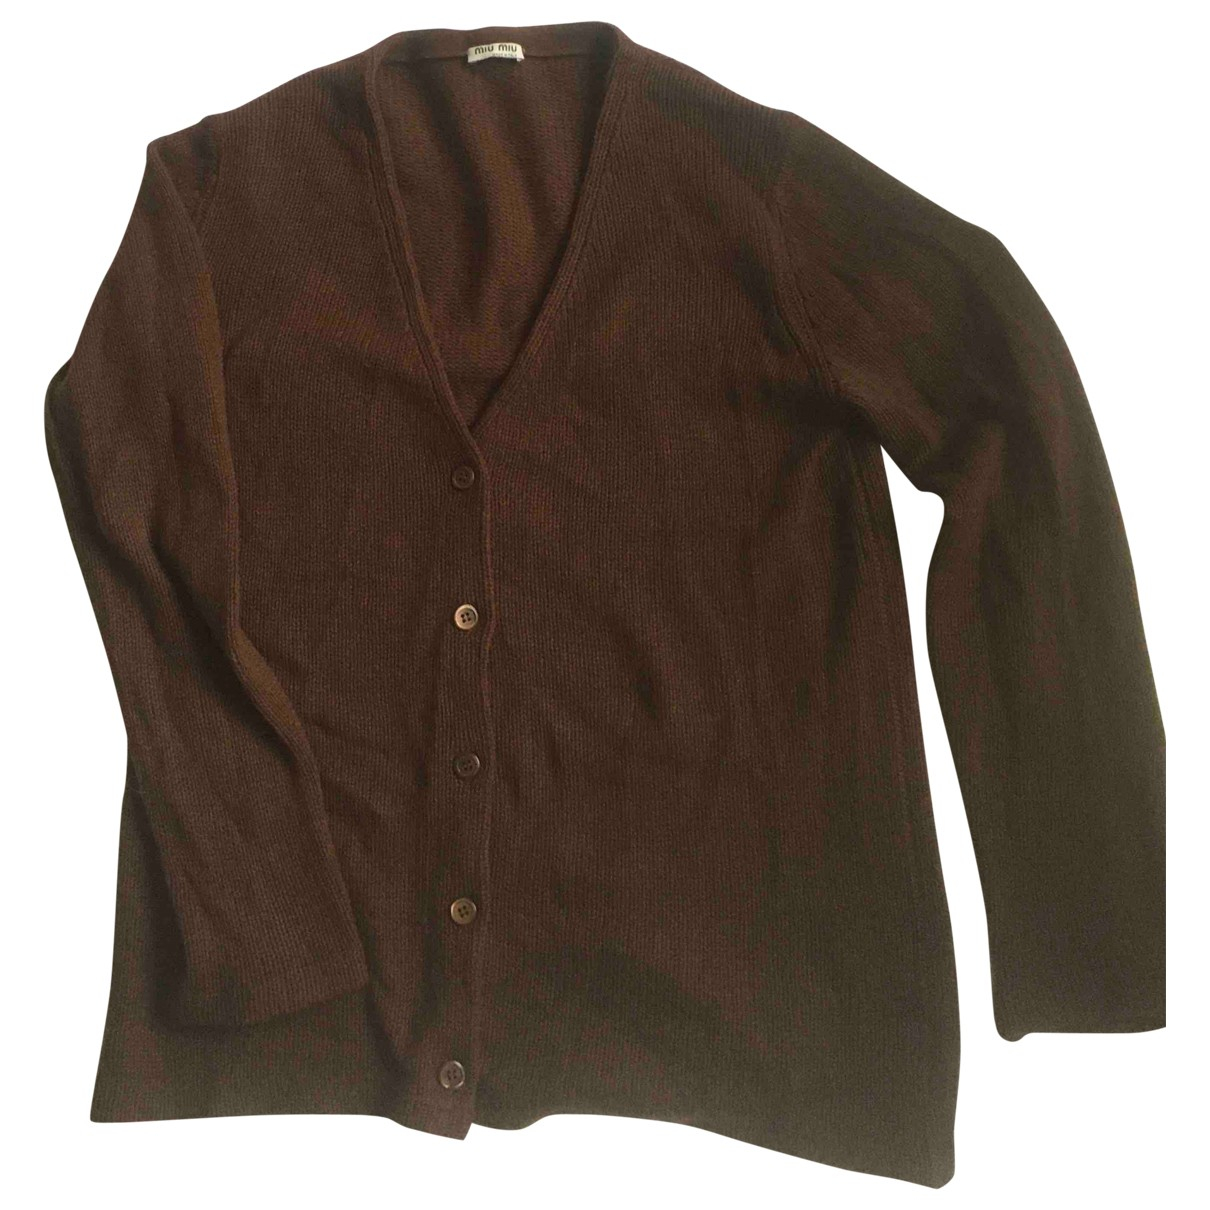 Miu Miu N Brown Cashmere Knitwear for Women 44 IT